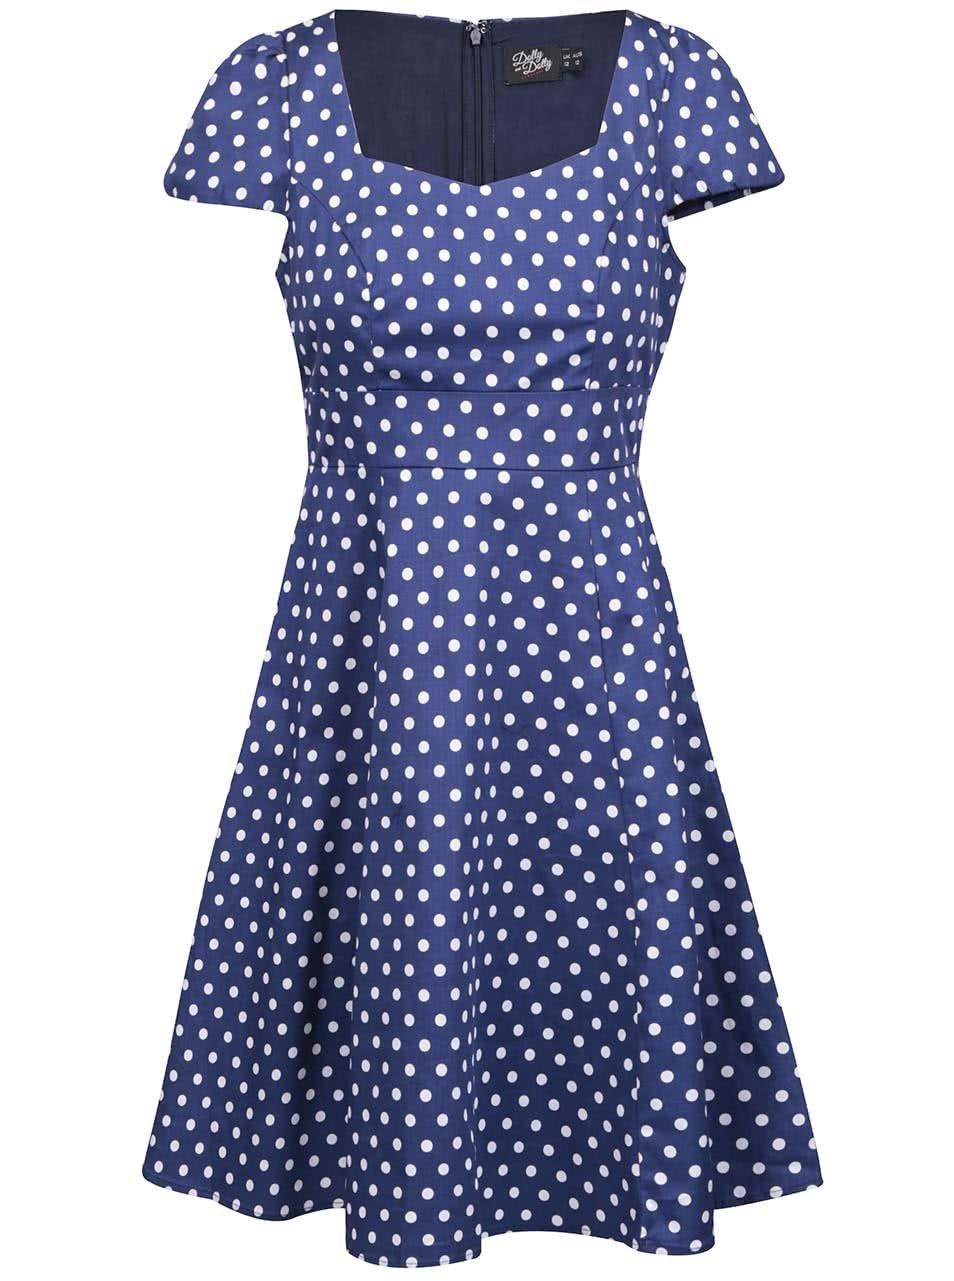 6dd1c4a4c7f7 Modré bodkované šaty s krátkym rukávom Dolly   Dotty Claudia ...